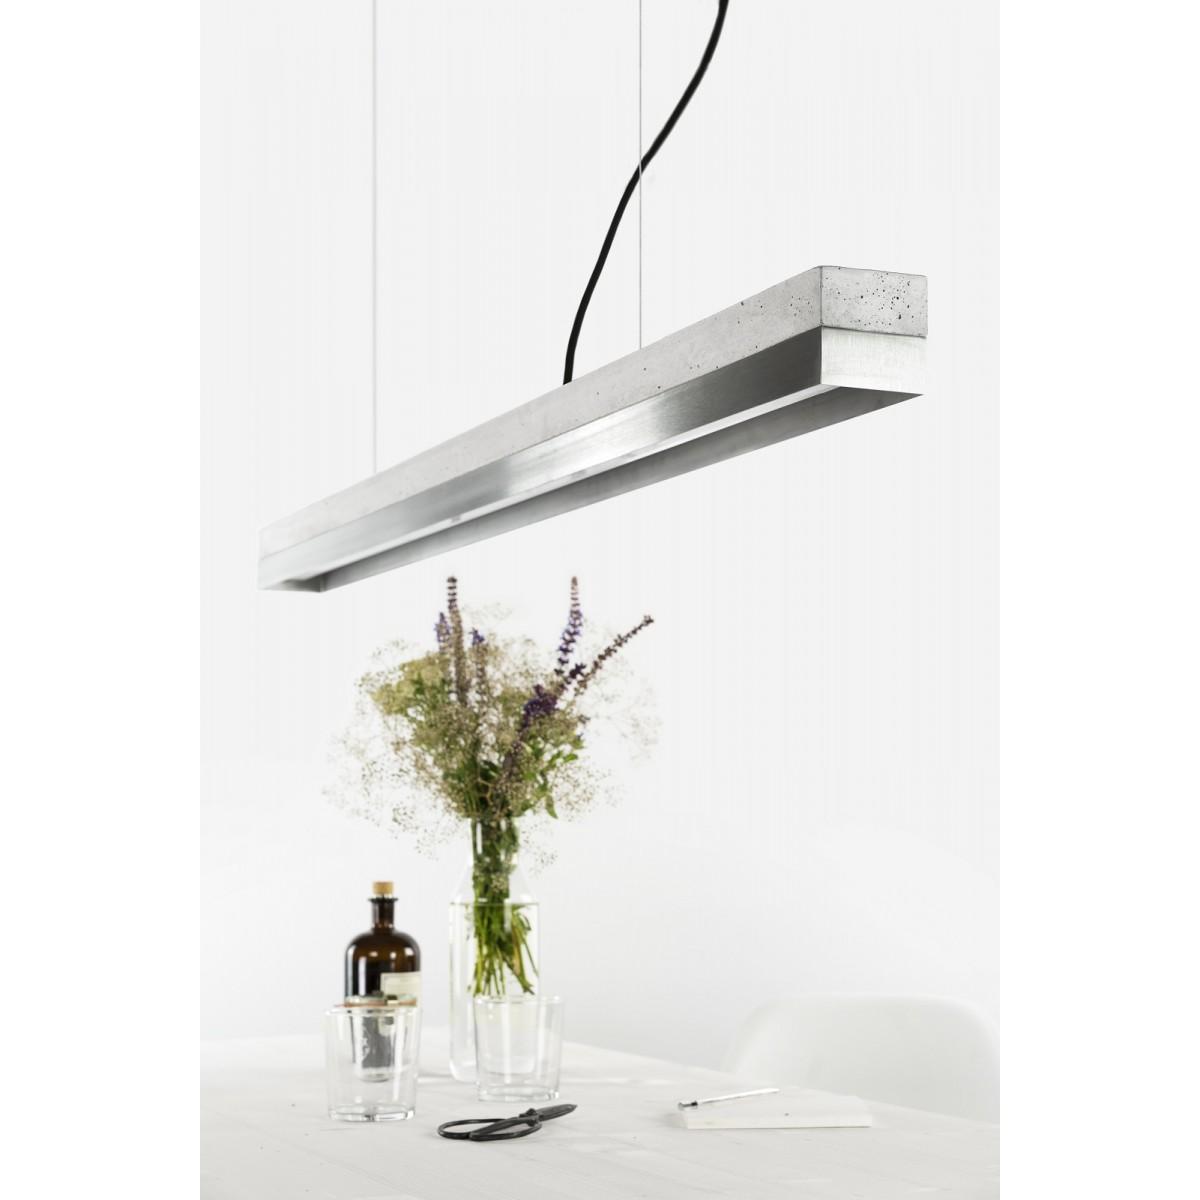 GANTlights - Beton Hängeleuchte [C1]stainless steel Lampe Edelstahl minimalistisch